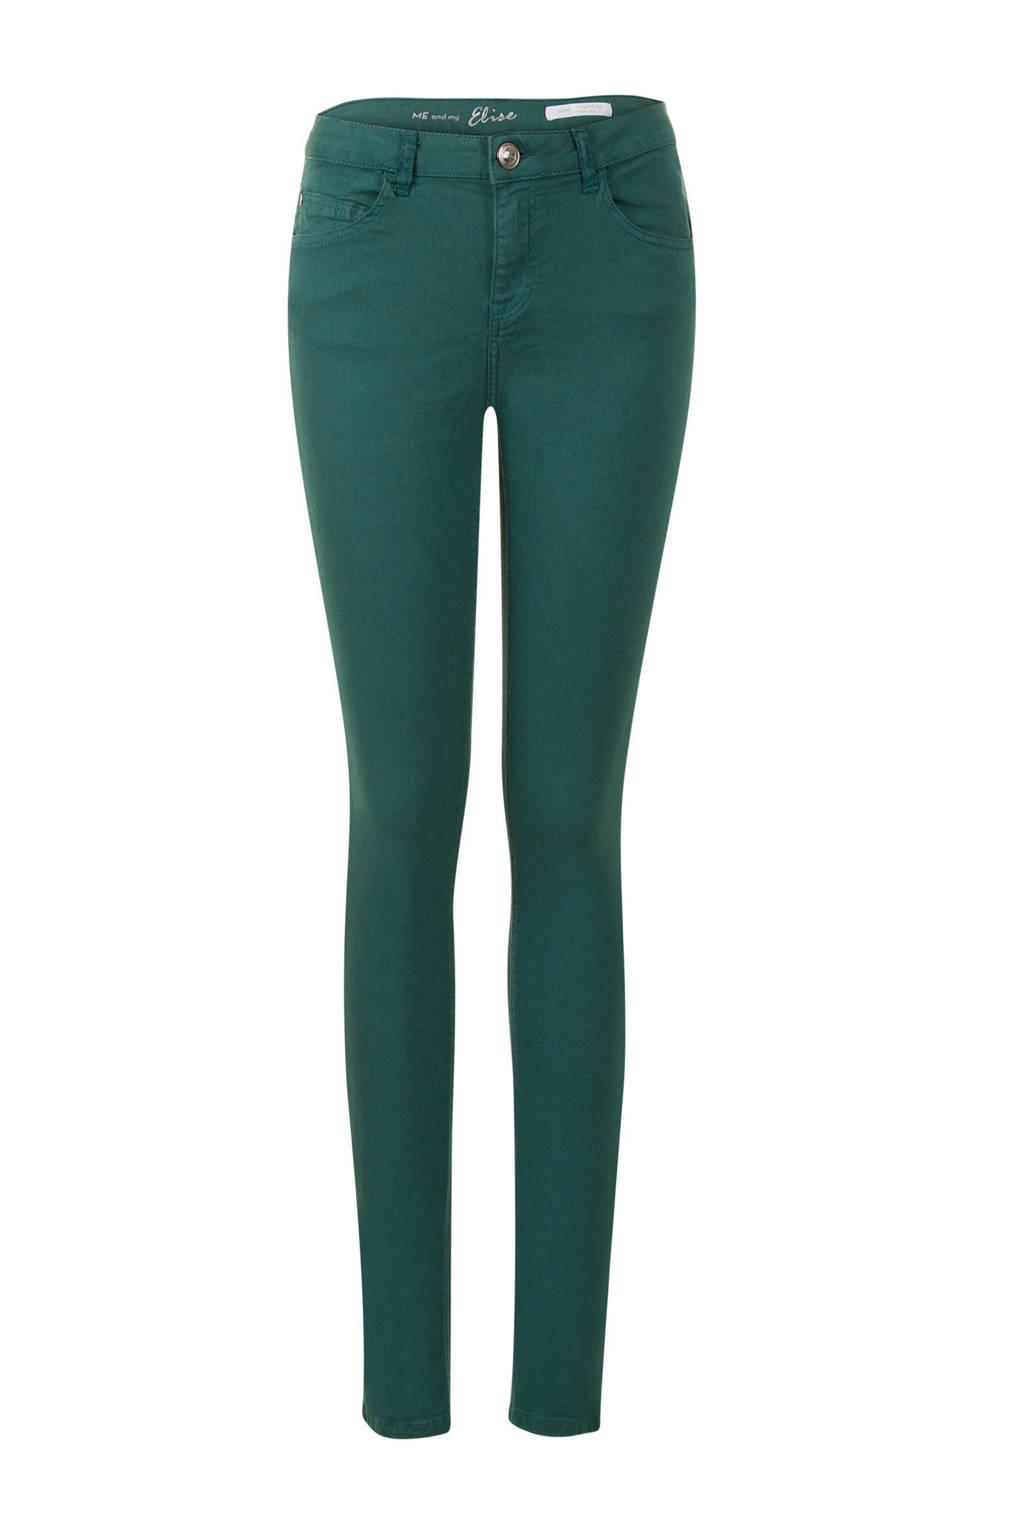 Miss Etam Lang slim fit jeans 36 inch, Groen